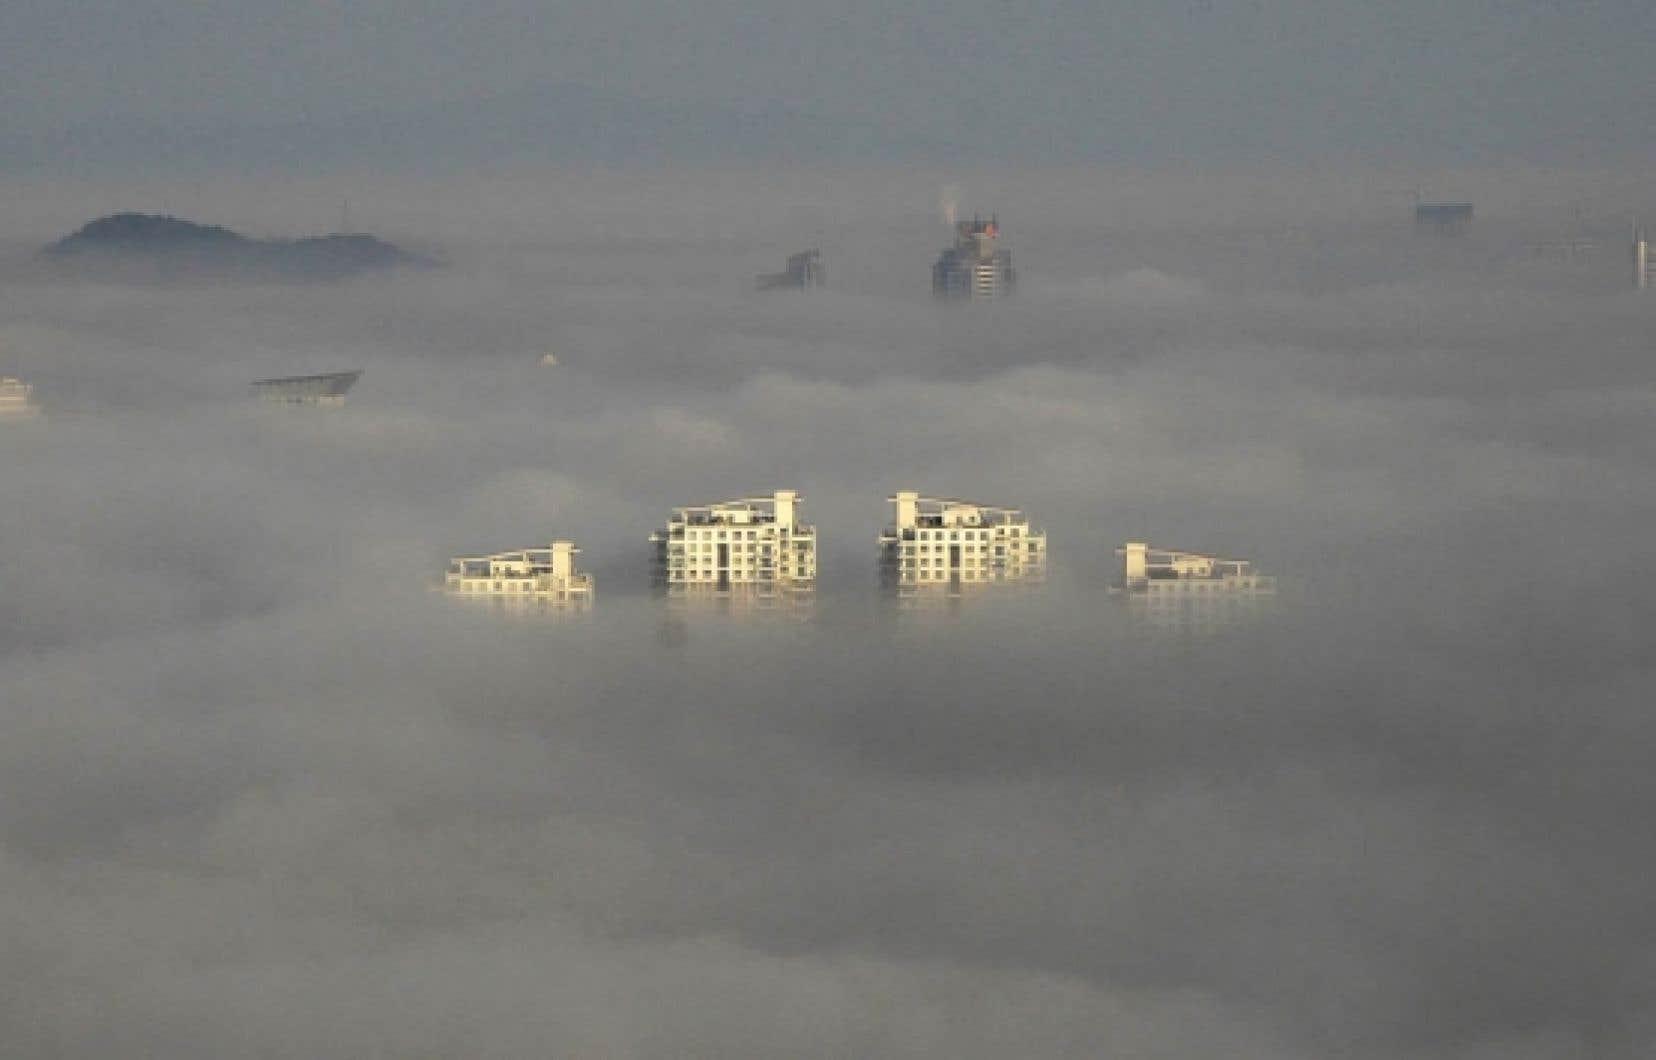 Le sommet des plus hauts &eacute;difices de la ville chinoise de Wenling &eacute;merge du smog. Selon l&rsquo;OCDE, la pollution atmosph&eacute;rique &laquo;devrait devenir la principale cause environnementale de d&eacute;c&egrave;s pr&eacute;matur&eacute;s&raquo;, surtout en Asie, o&ugrave; plusieurs villes d&eacute;passent les normes de l&rsquo;Organisation mondiale de la sant&eacute;. <br />